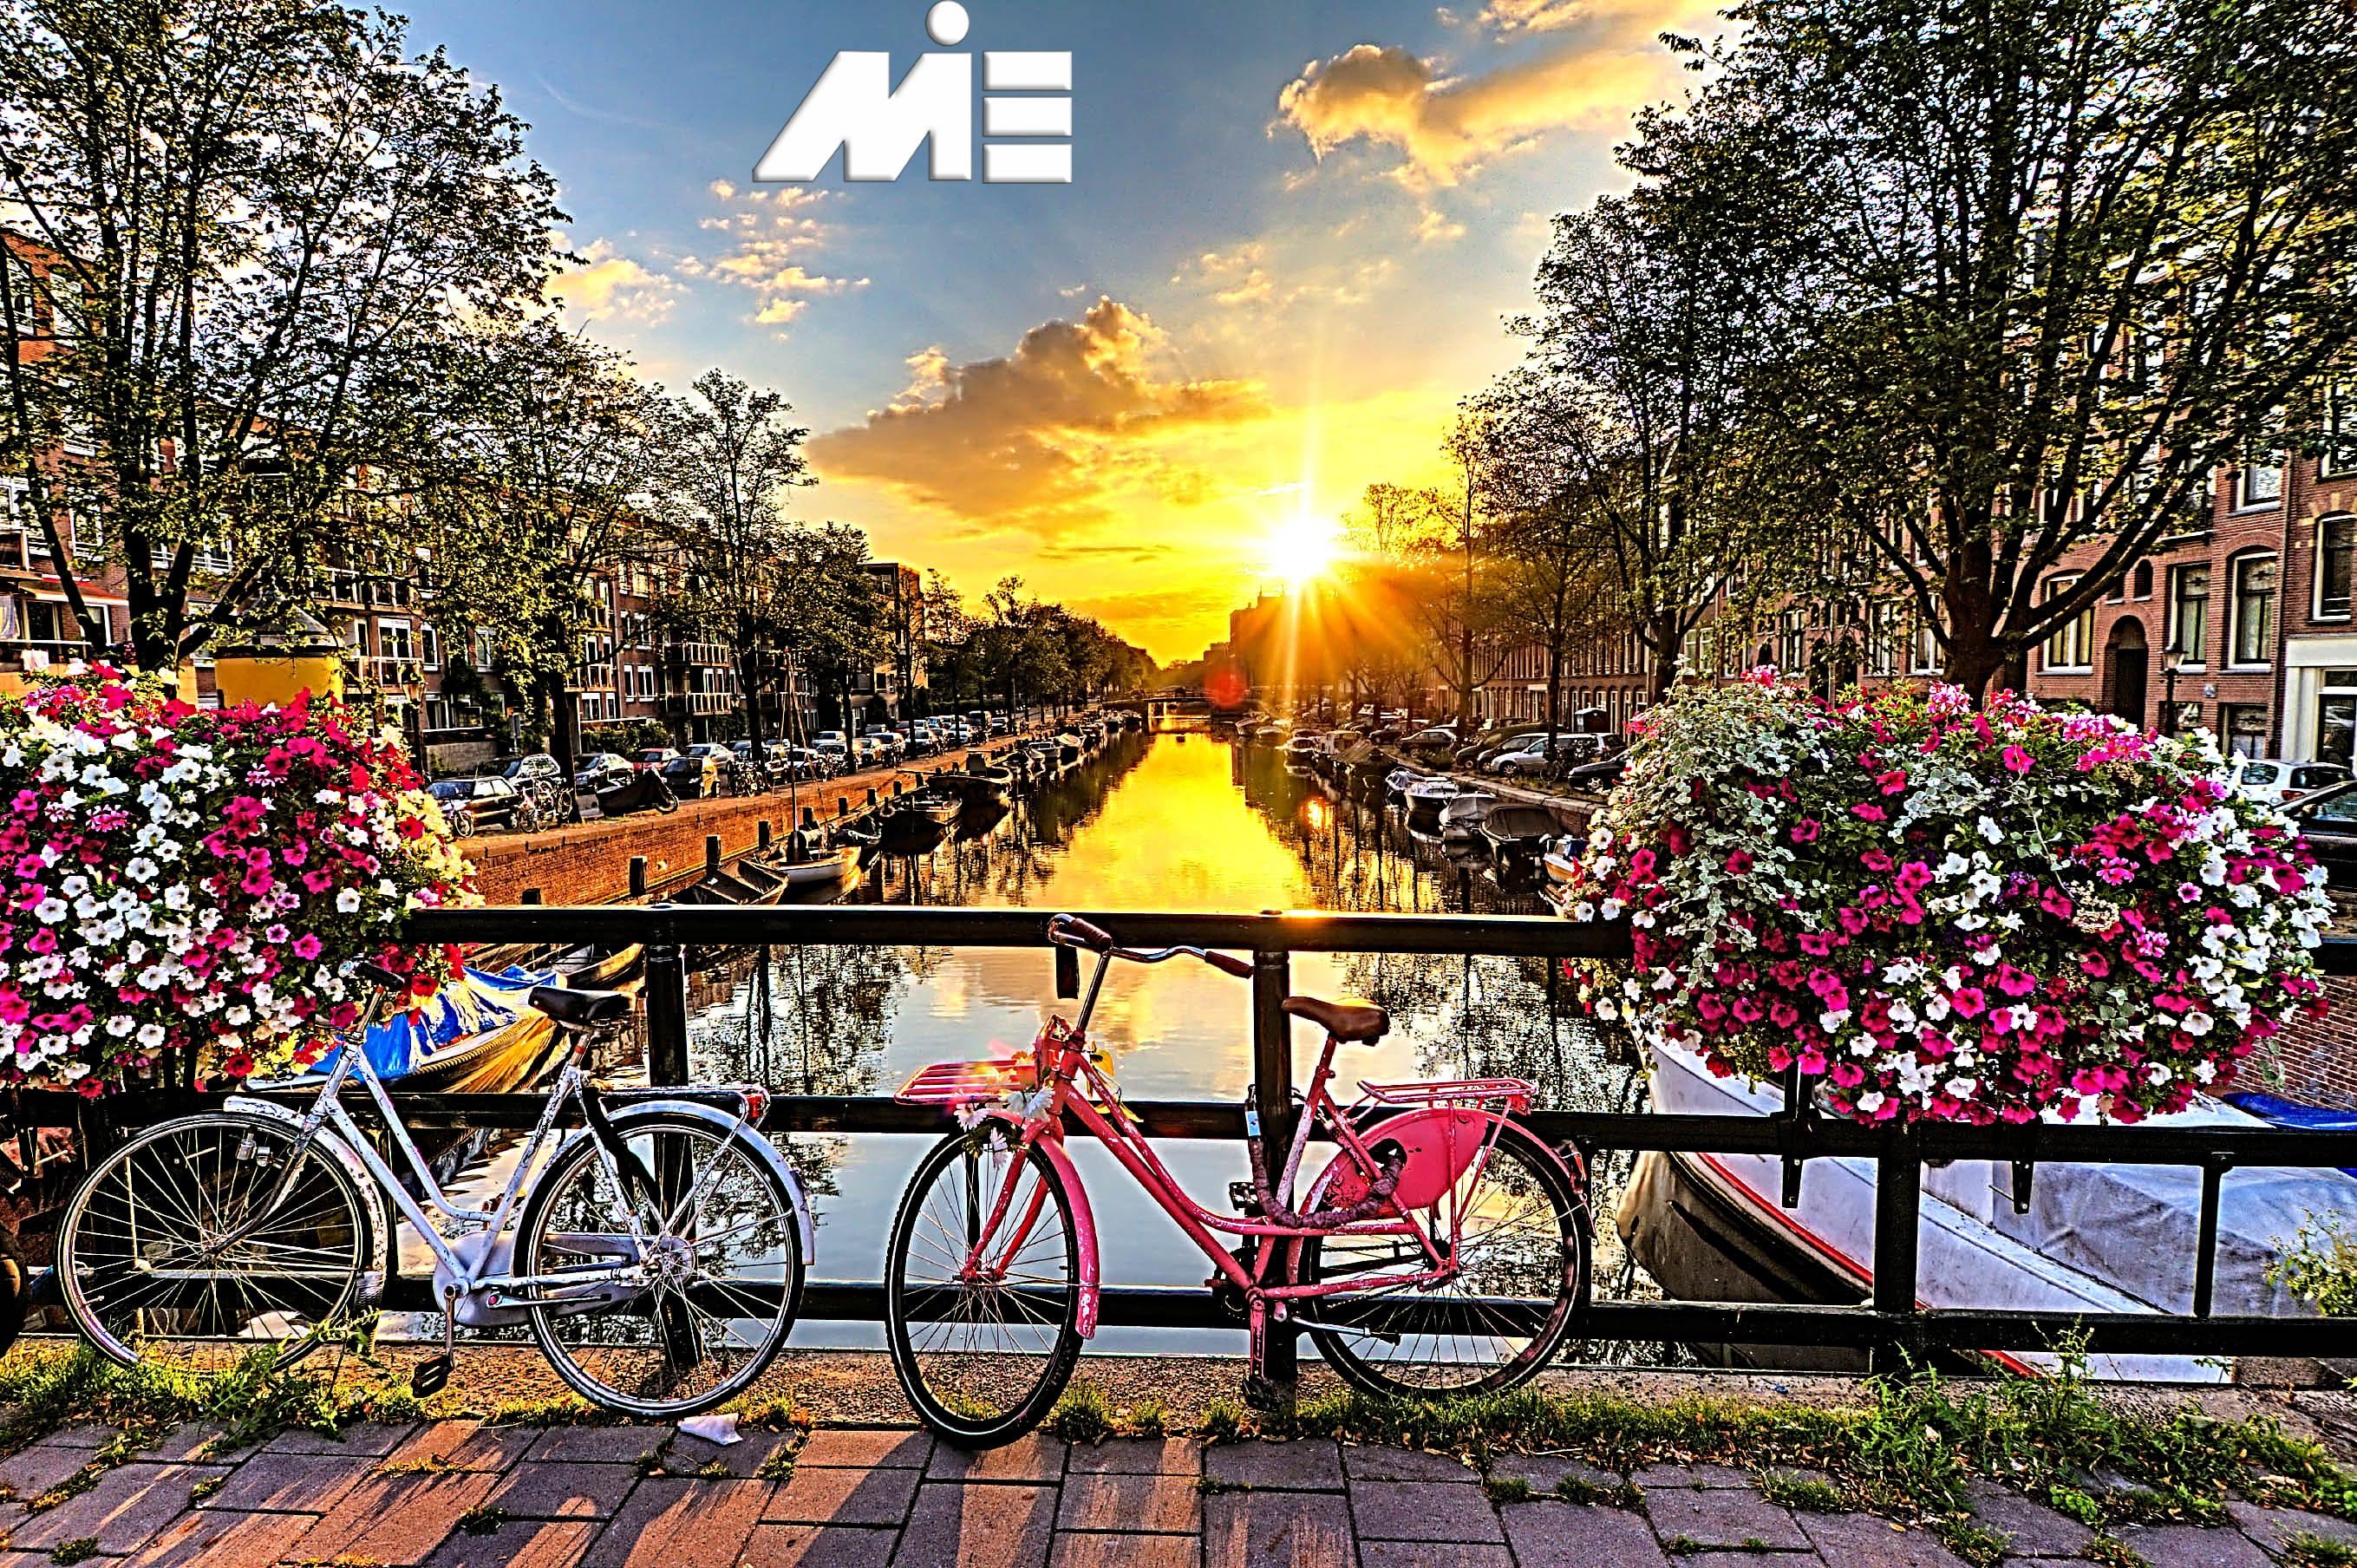 هلند و زیبایی های آن ـ مهاجرت به هلند ـ پاسپورت هلند